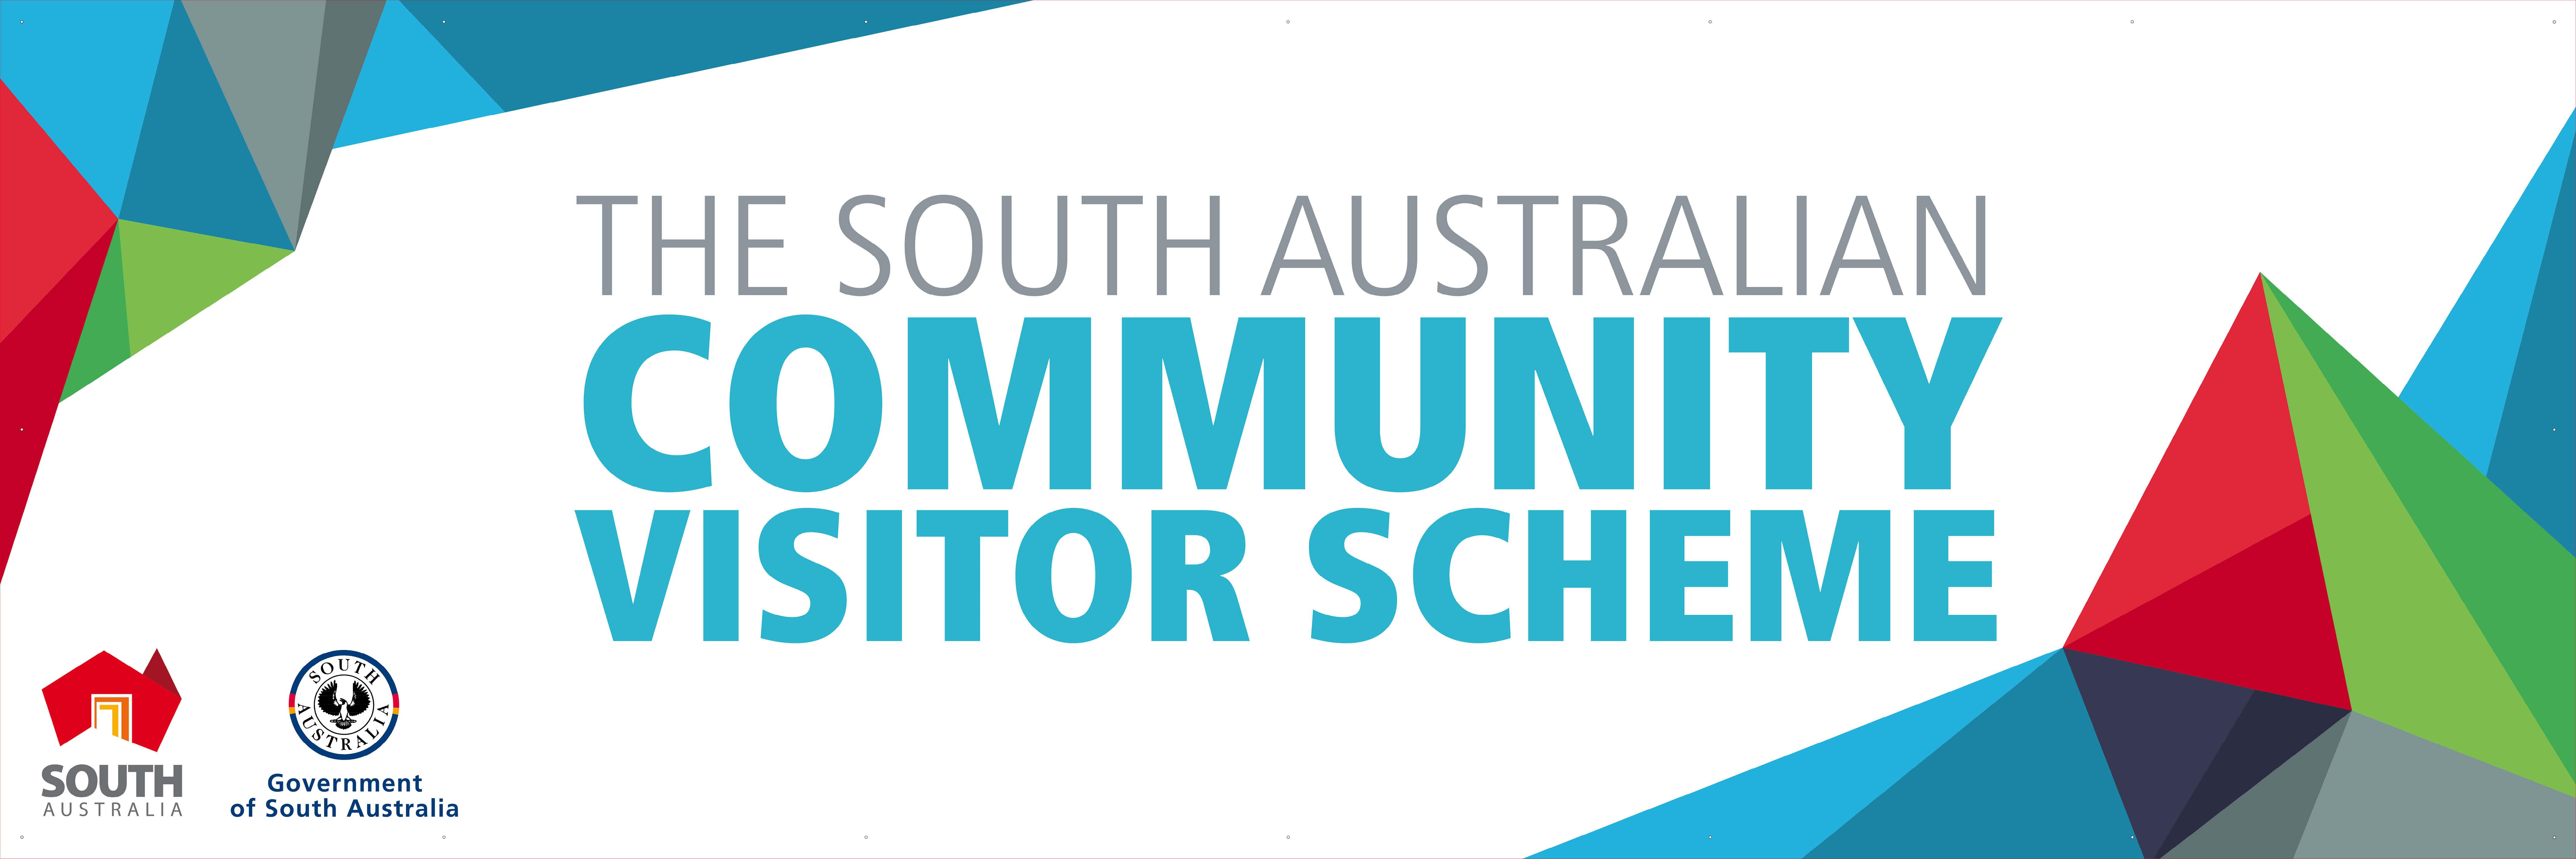 Community Visitor Scheme Logo